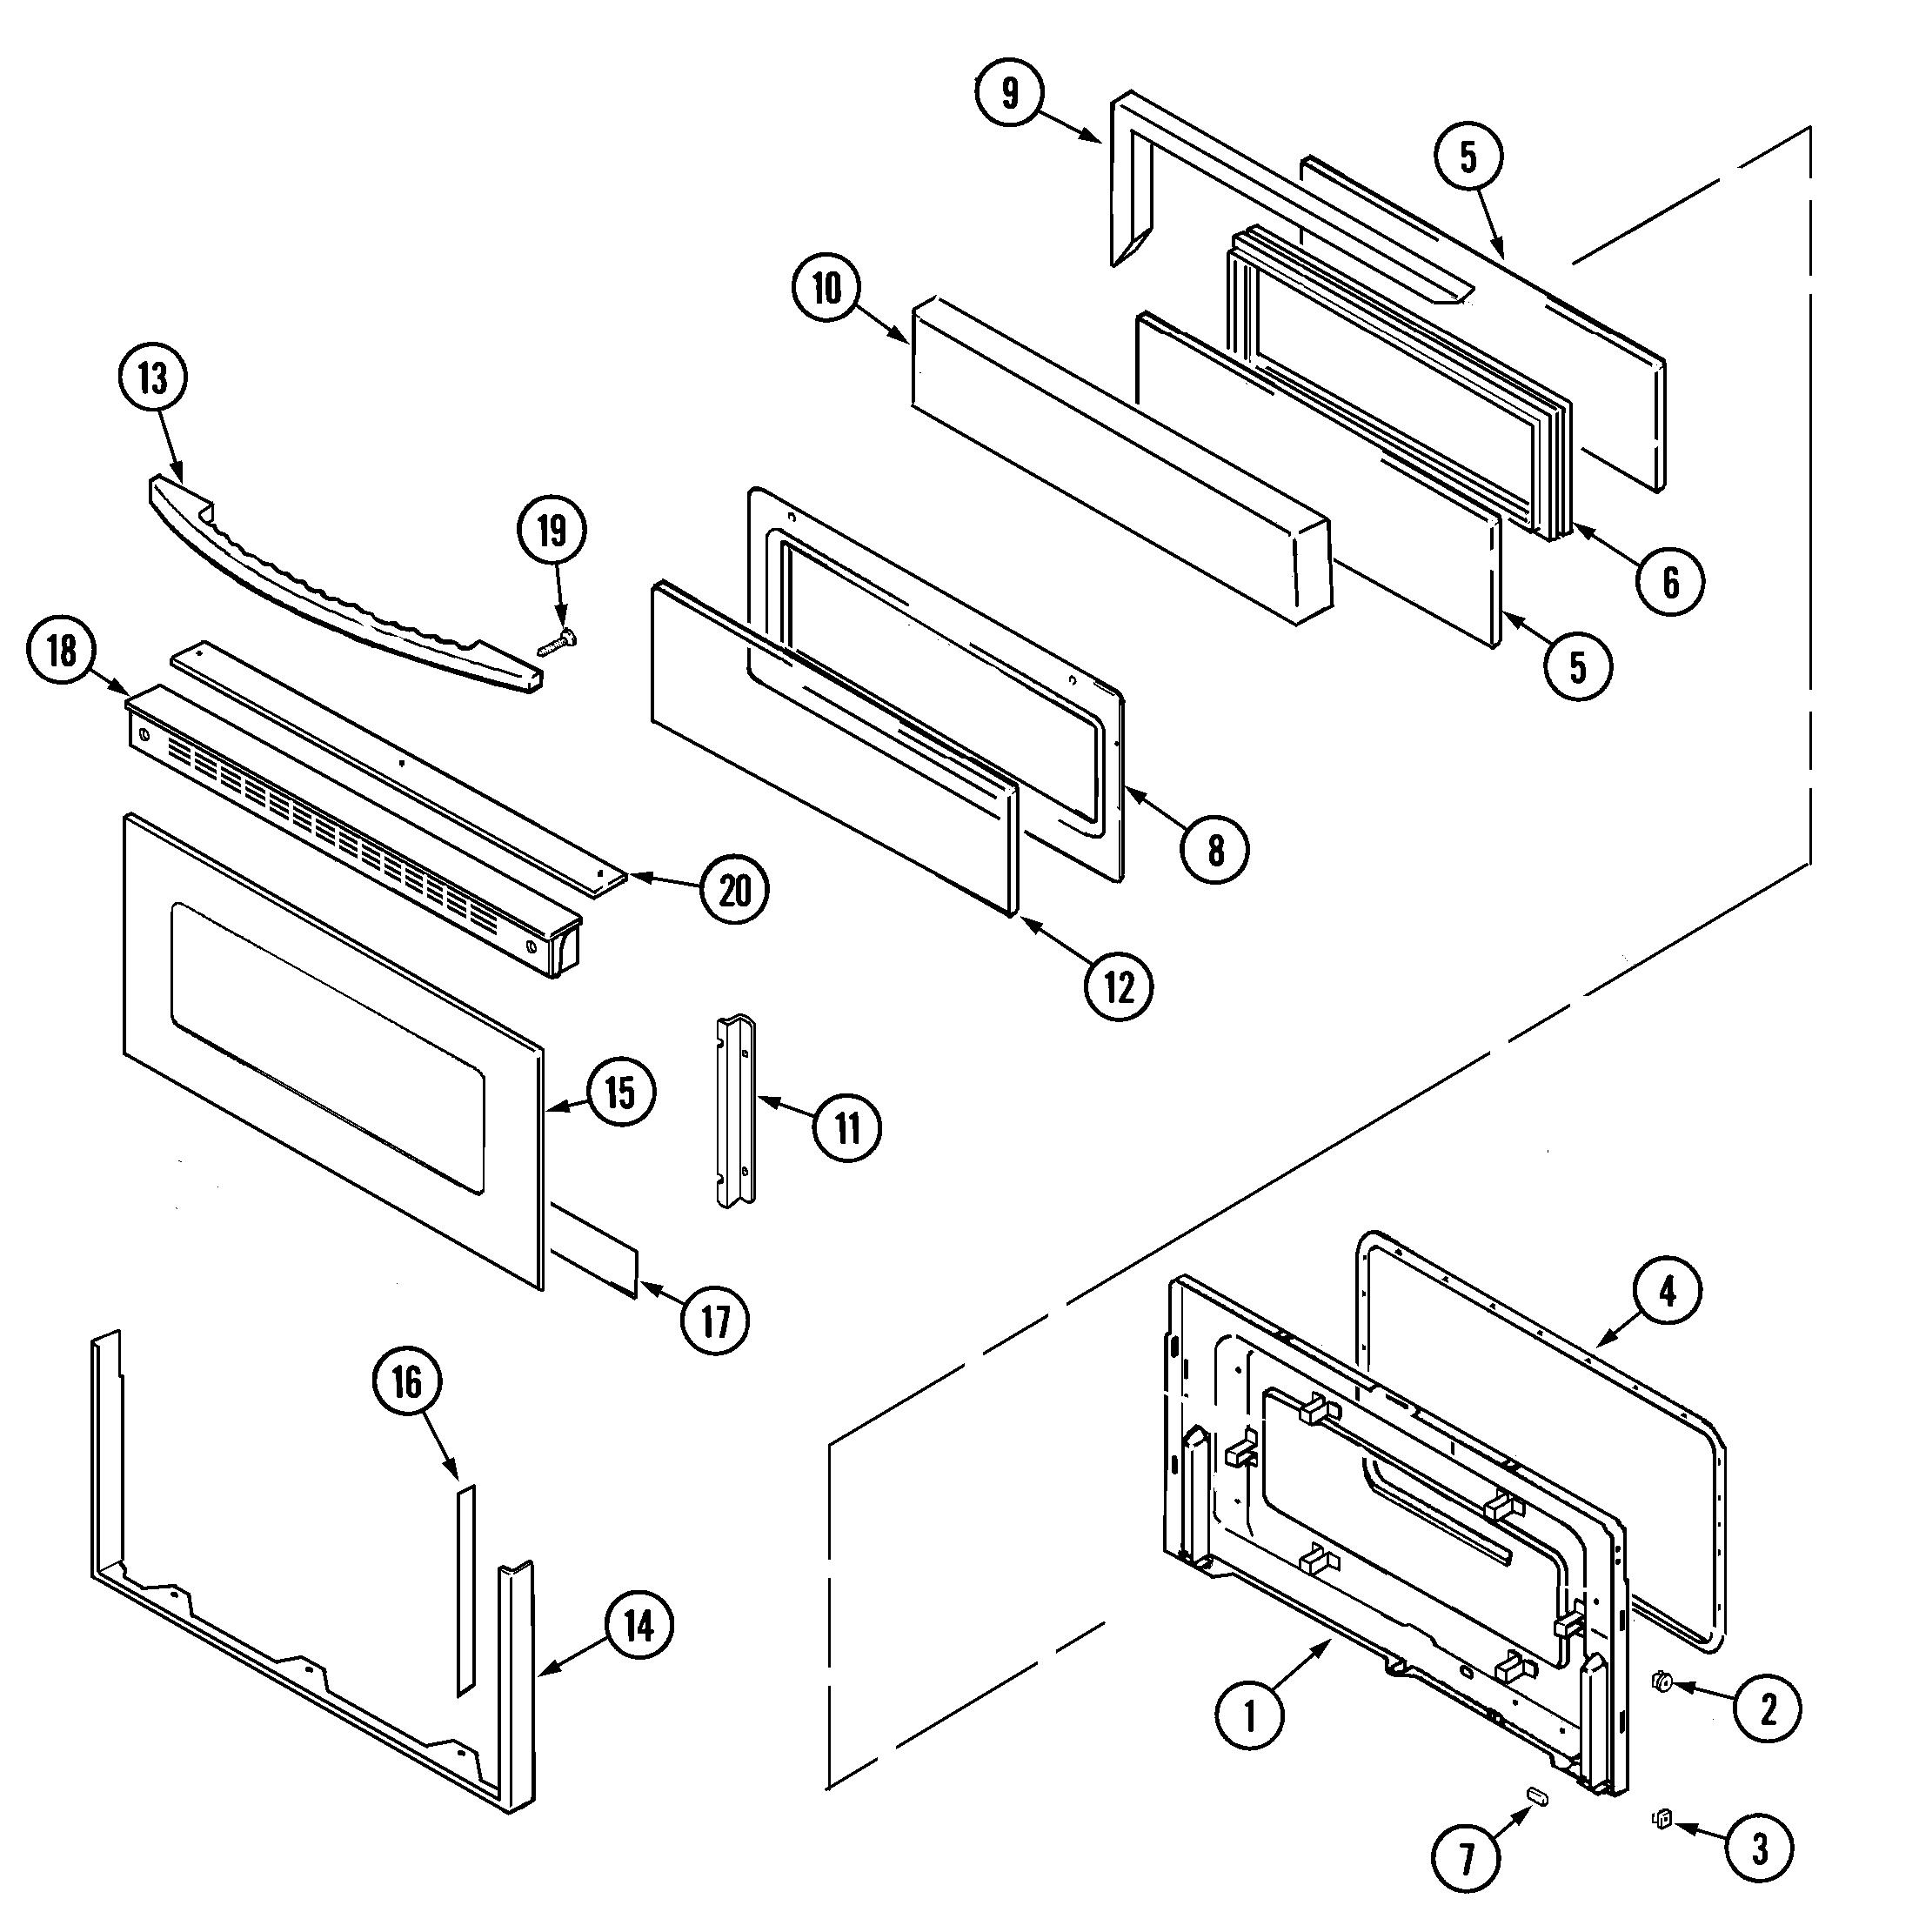 mer6770aaw free standing electric range door (upper) parts diagram